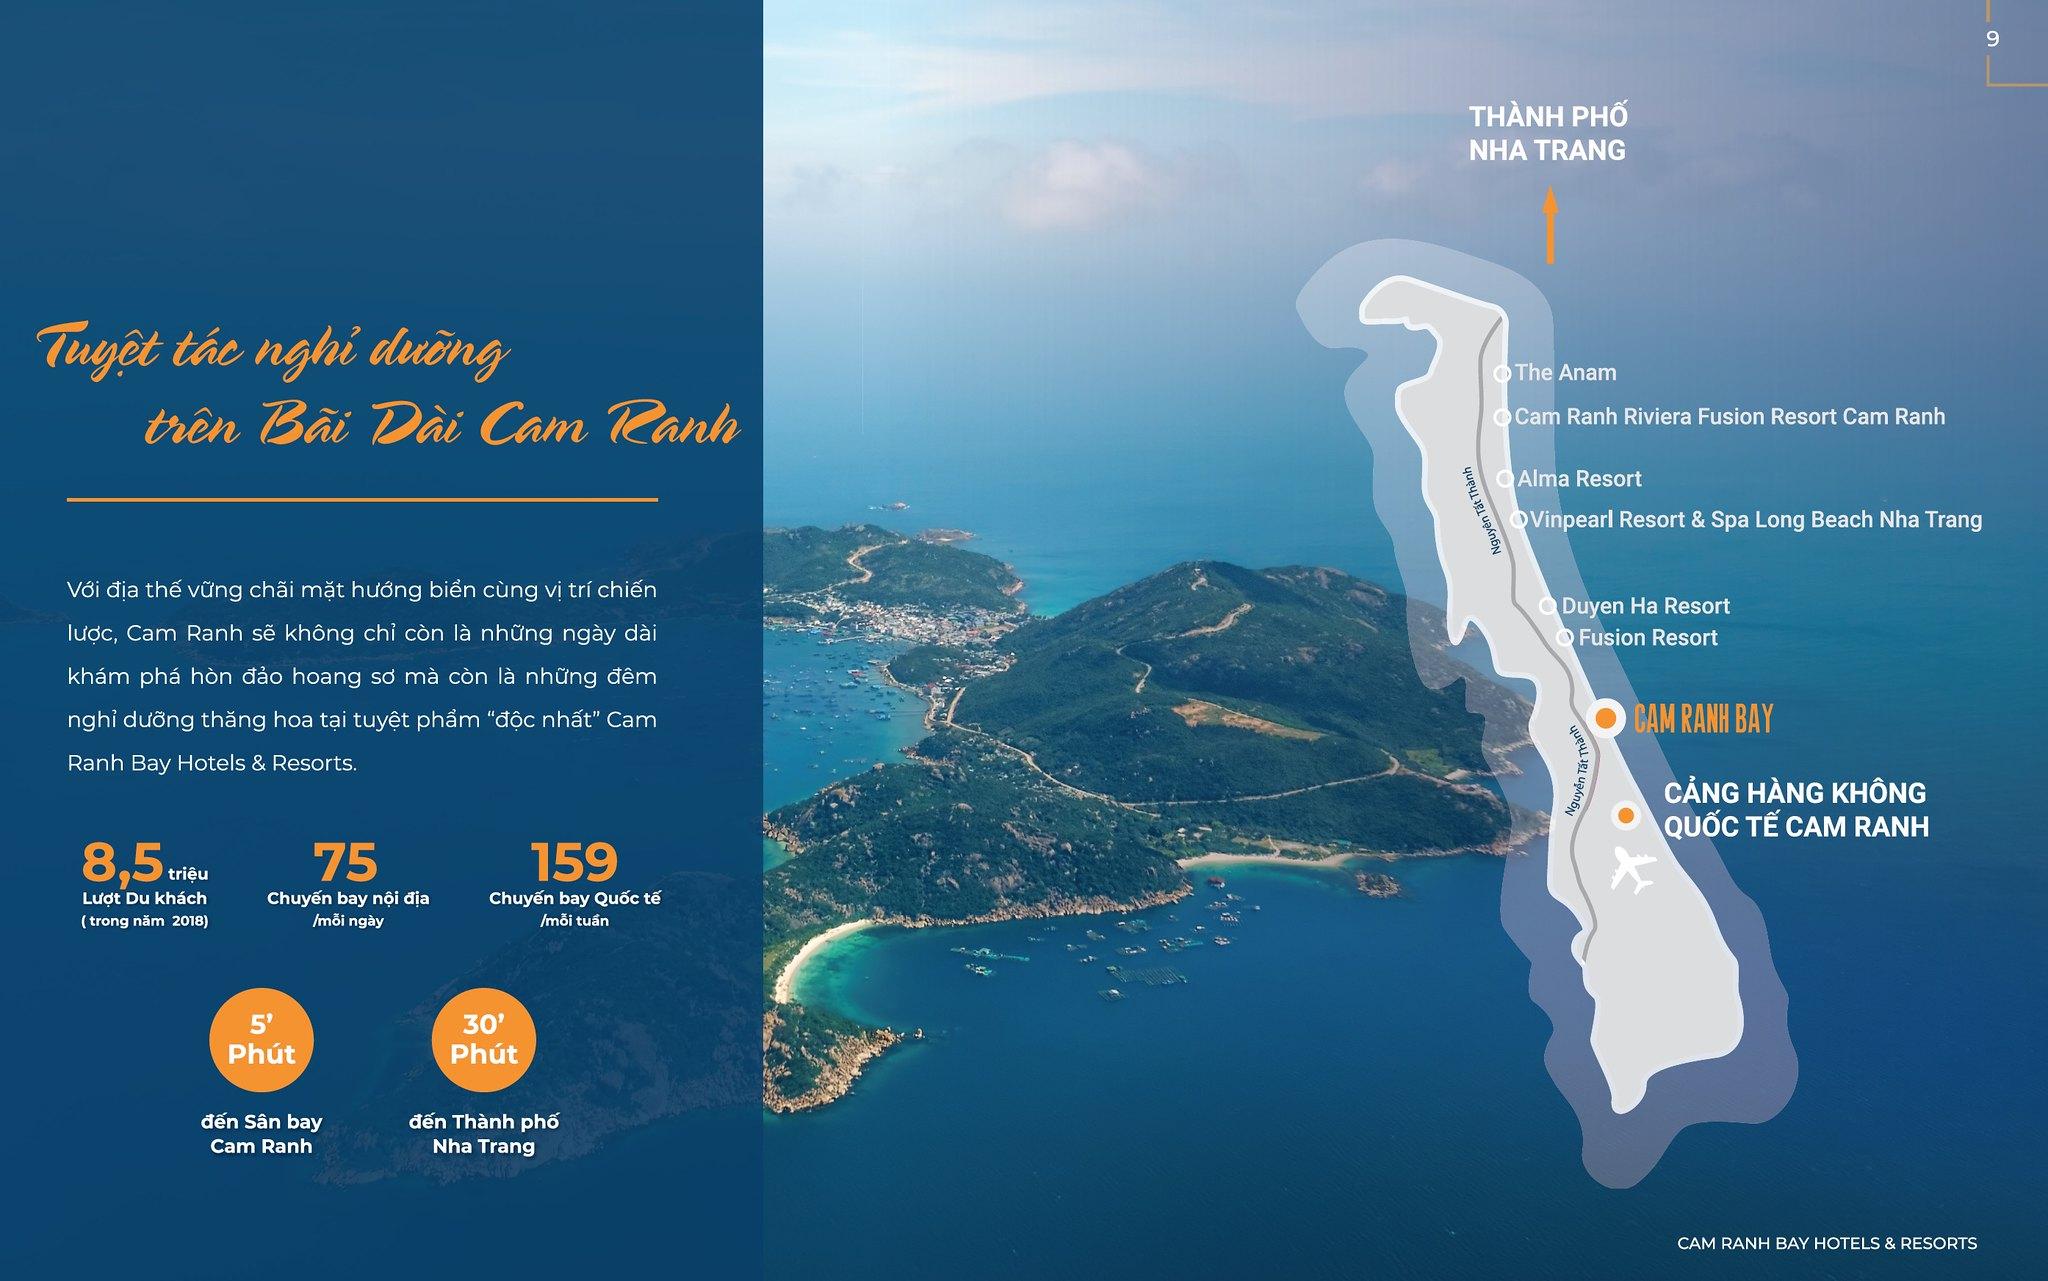 Dự án Cam Ranh Bay – Vị trí tuyệt đẹp